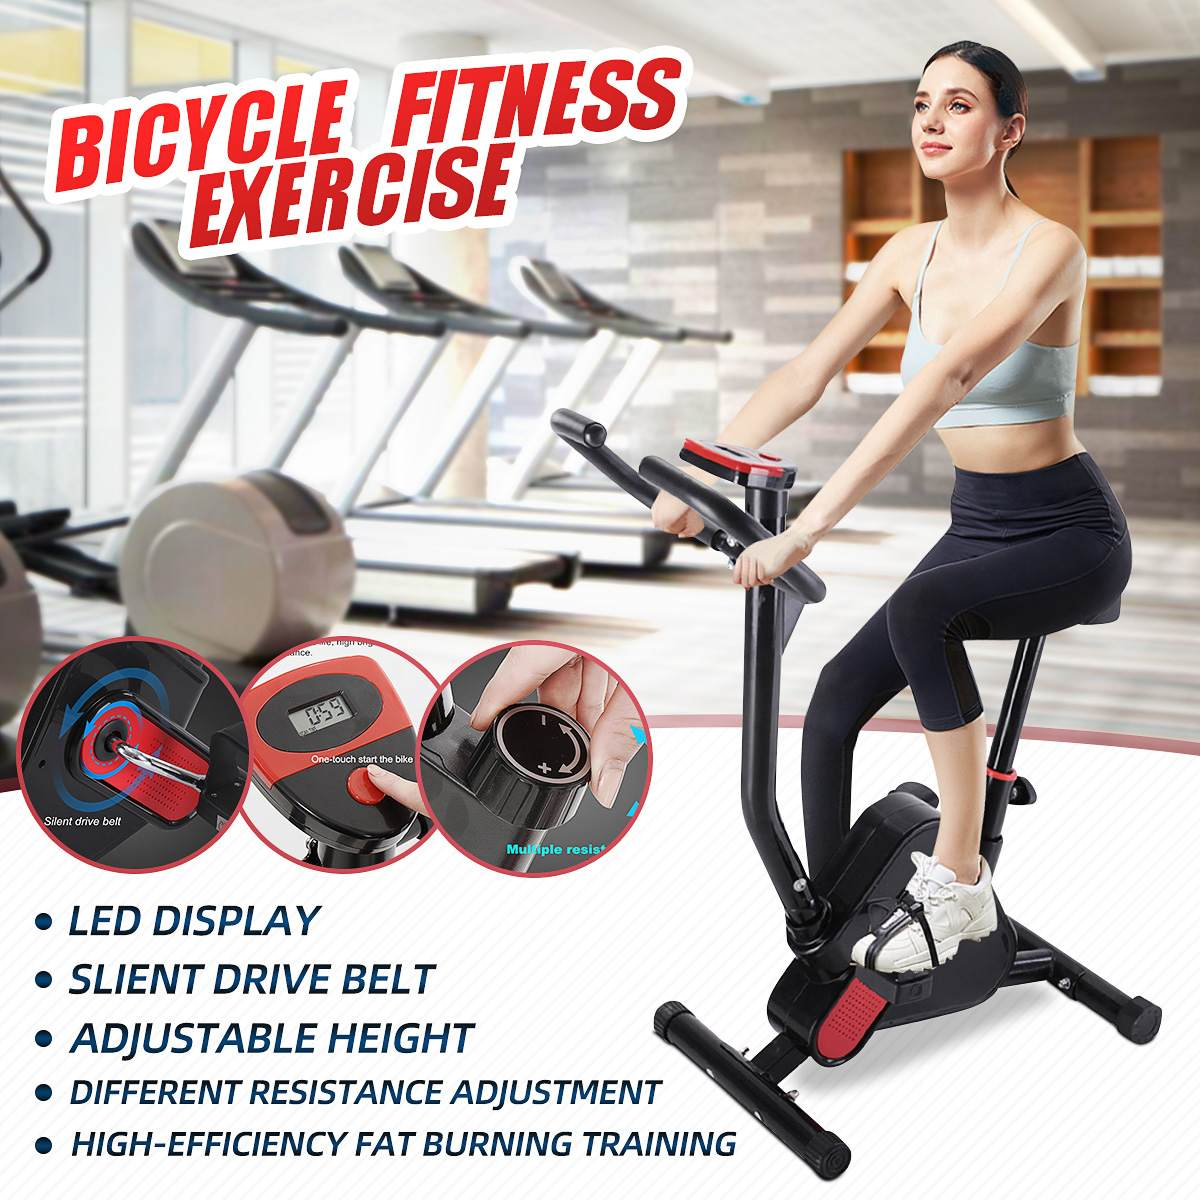 Vélo stationnaire d'exercice de Cycle d'intérieur avec le moniteur d'affichage à cristaux liquides - 5